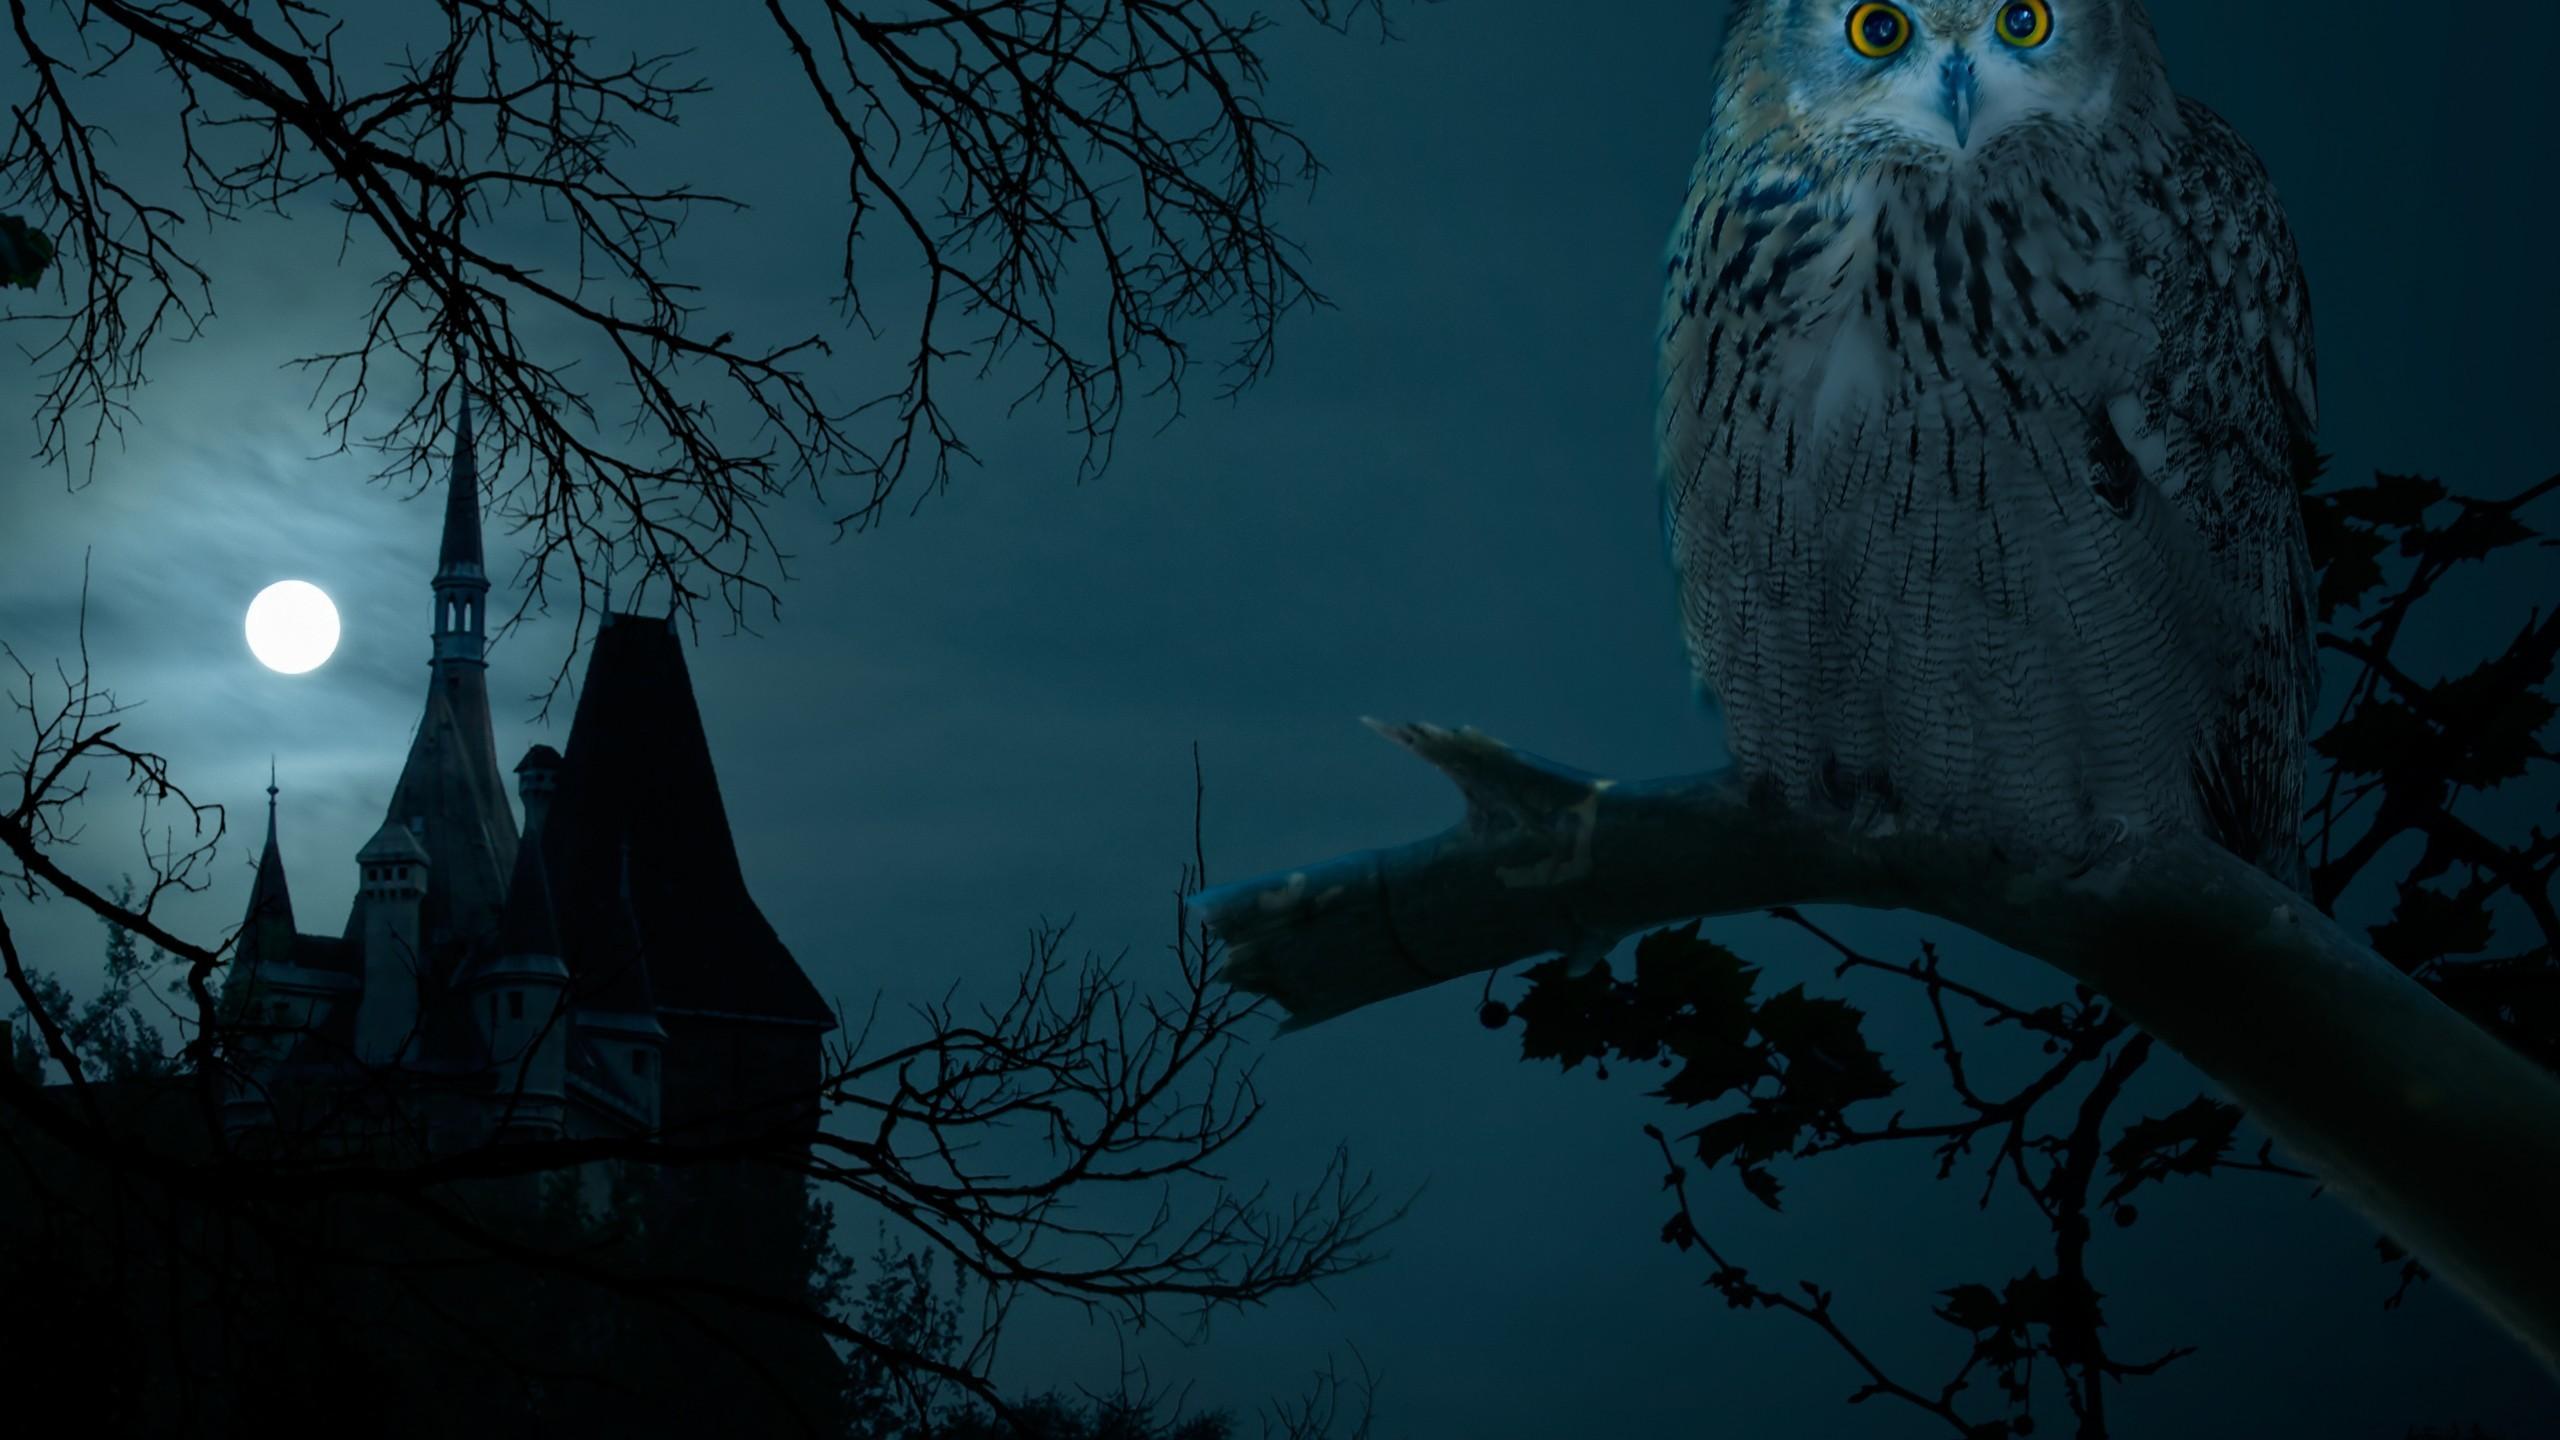 Night Owls Movie Wallpapers | WallpapersIn4k.net. Night Owls Movie  Wallpapers WallpapersIn4k Net